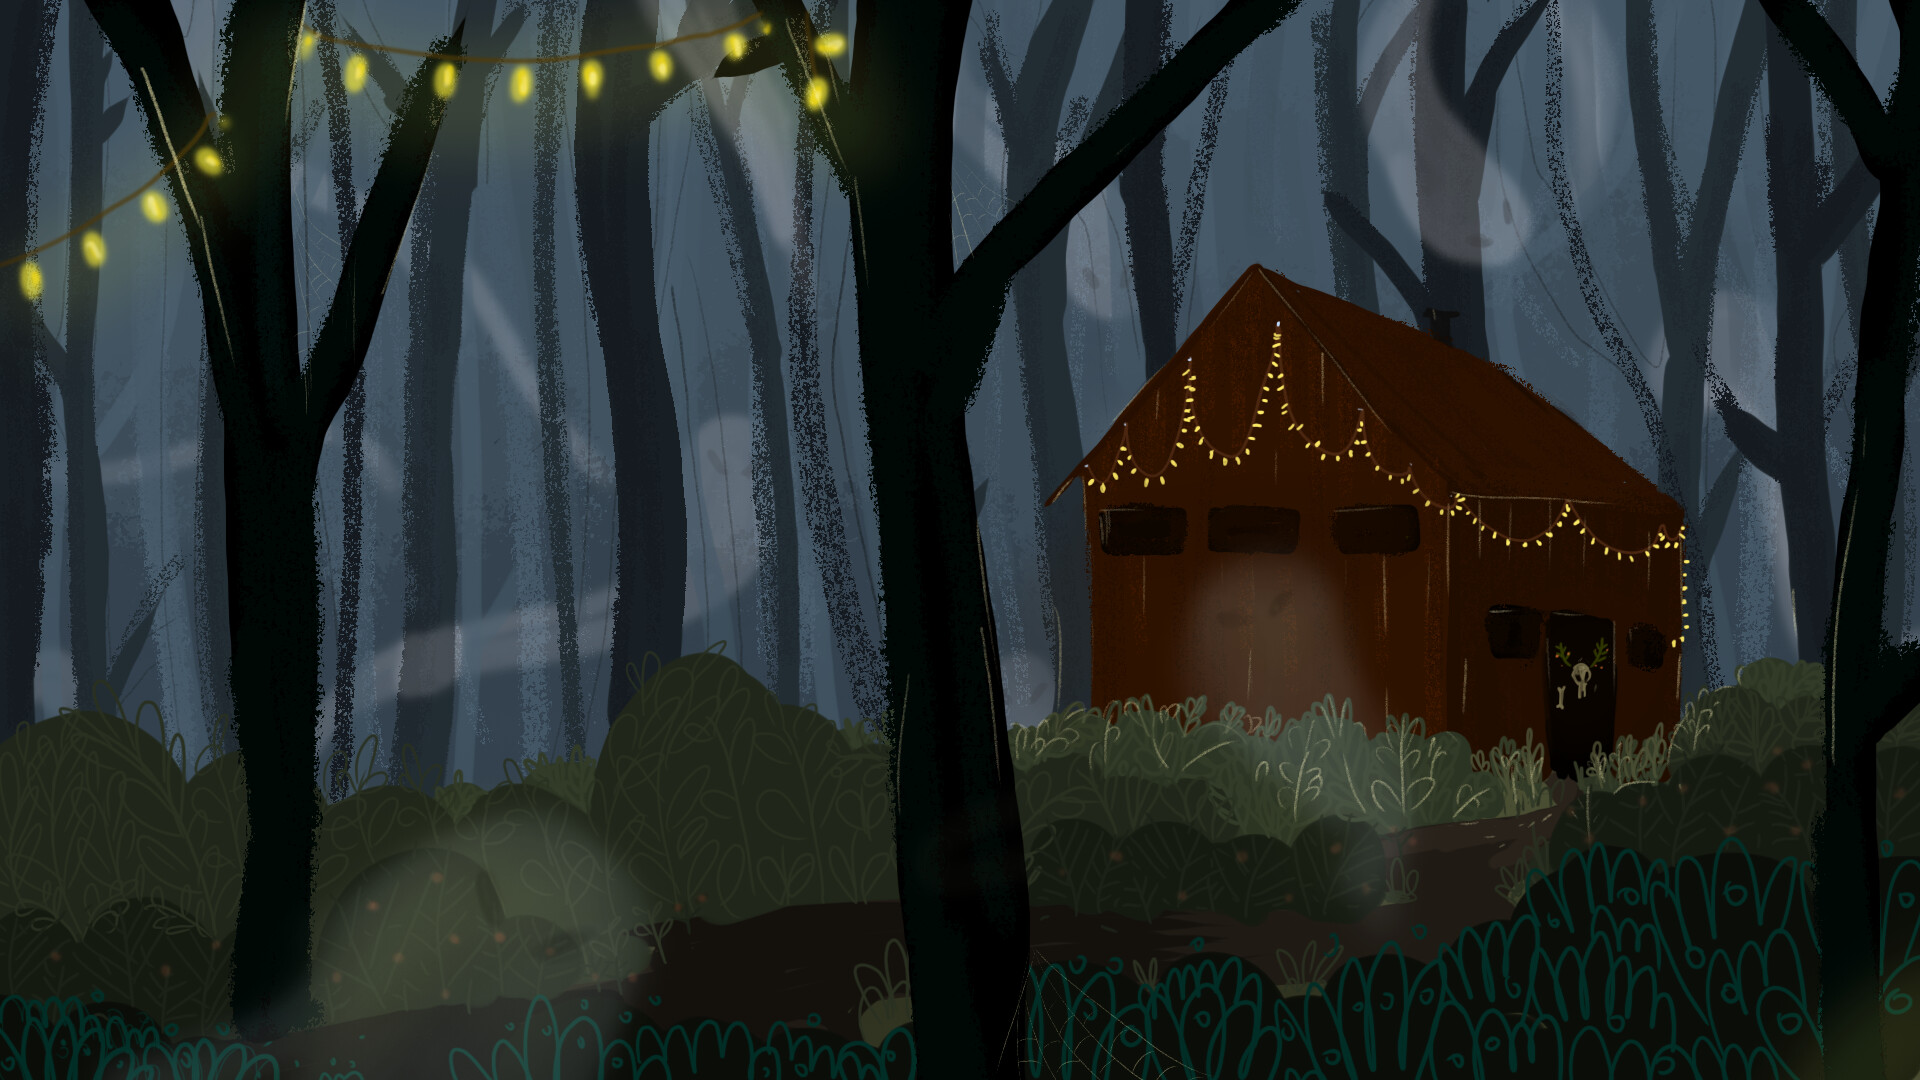 Liya Malysheva - mystical house for scary story